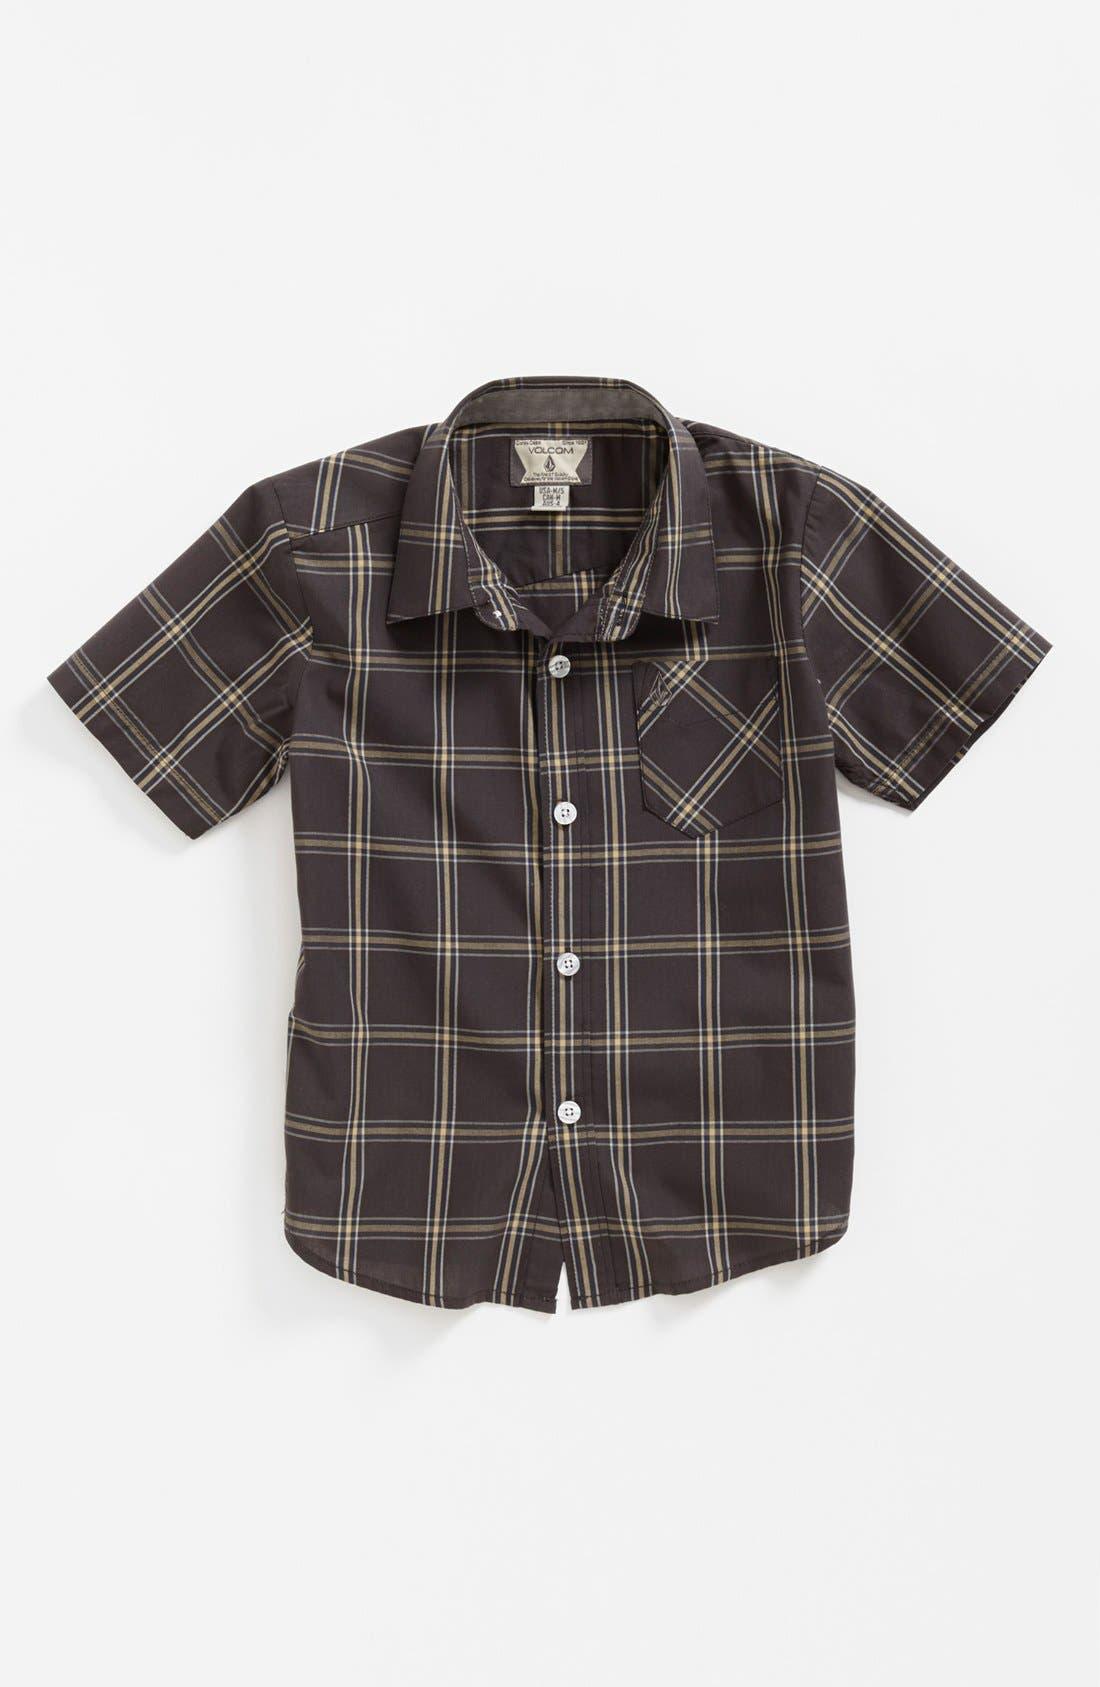 Alternate Image 1 Selected - Volcom 'Why Factor' Short Sleeve Woven Shirt (Little Boys)